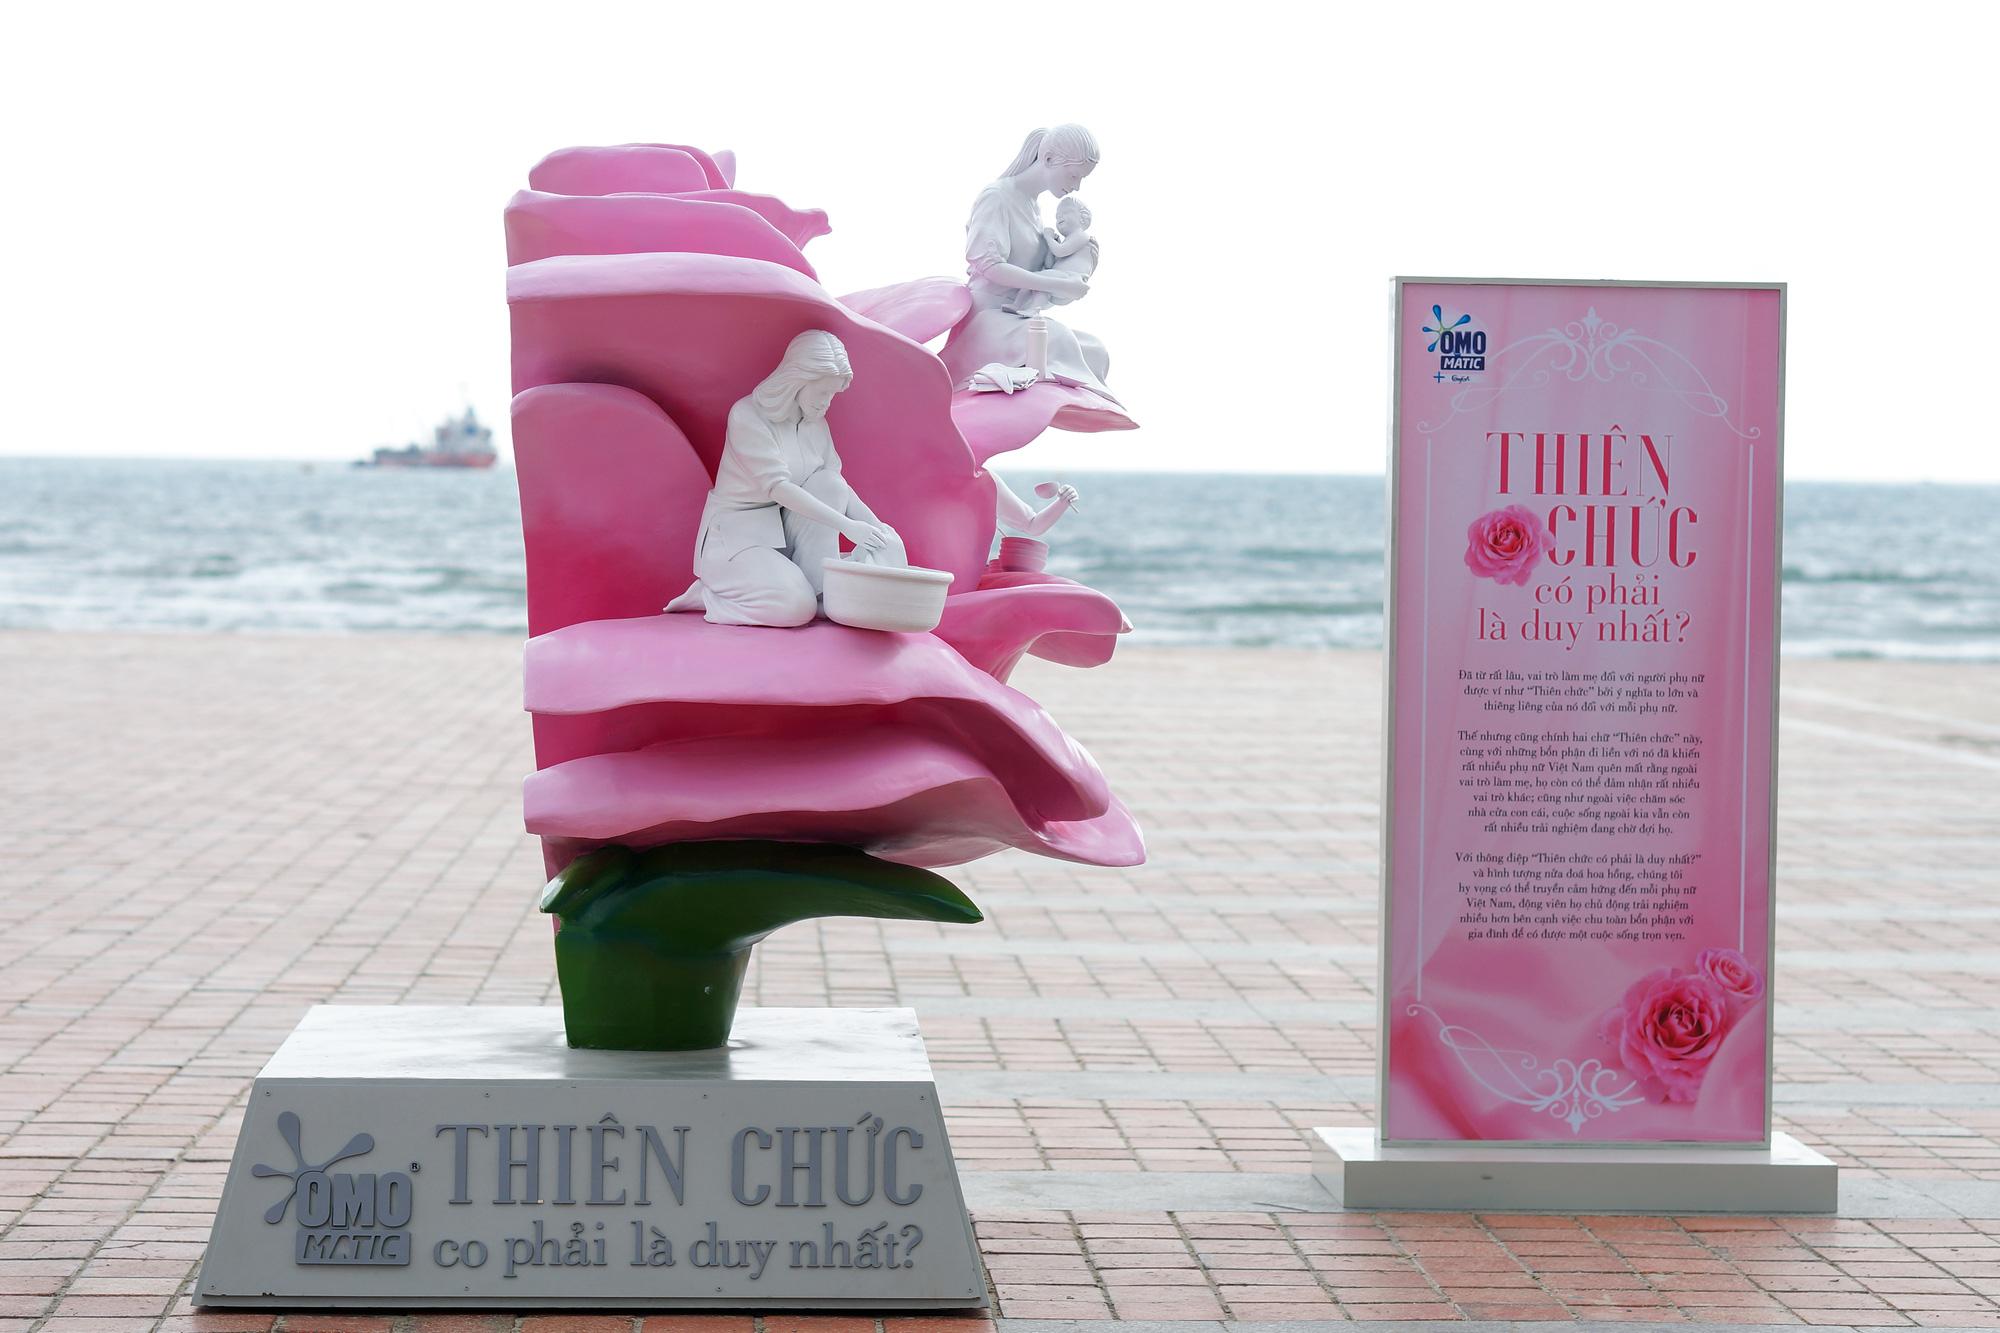 Cùng Chan La Cà nghe chuyện về những người mẹ gạt bỏ trải nghiệm riêng để thấy có những phụ nữ chỉ mới sống như 1 nửa bông hồng - Ảnh 7.